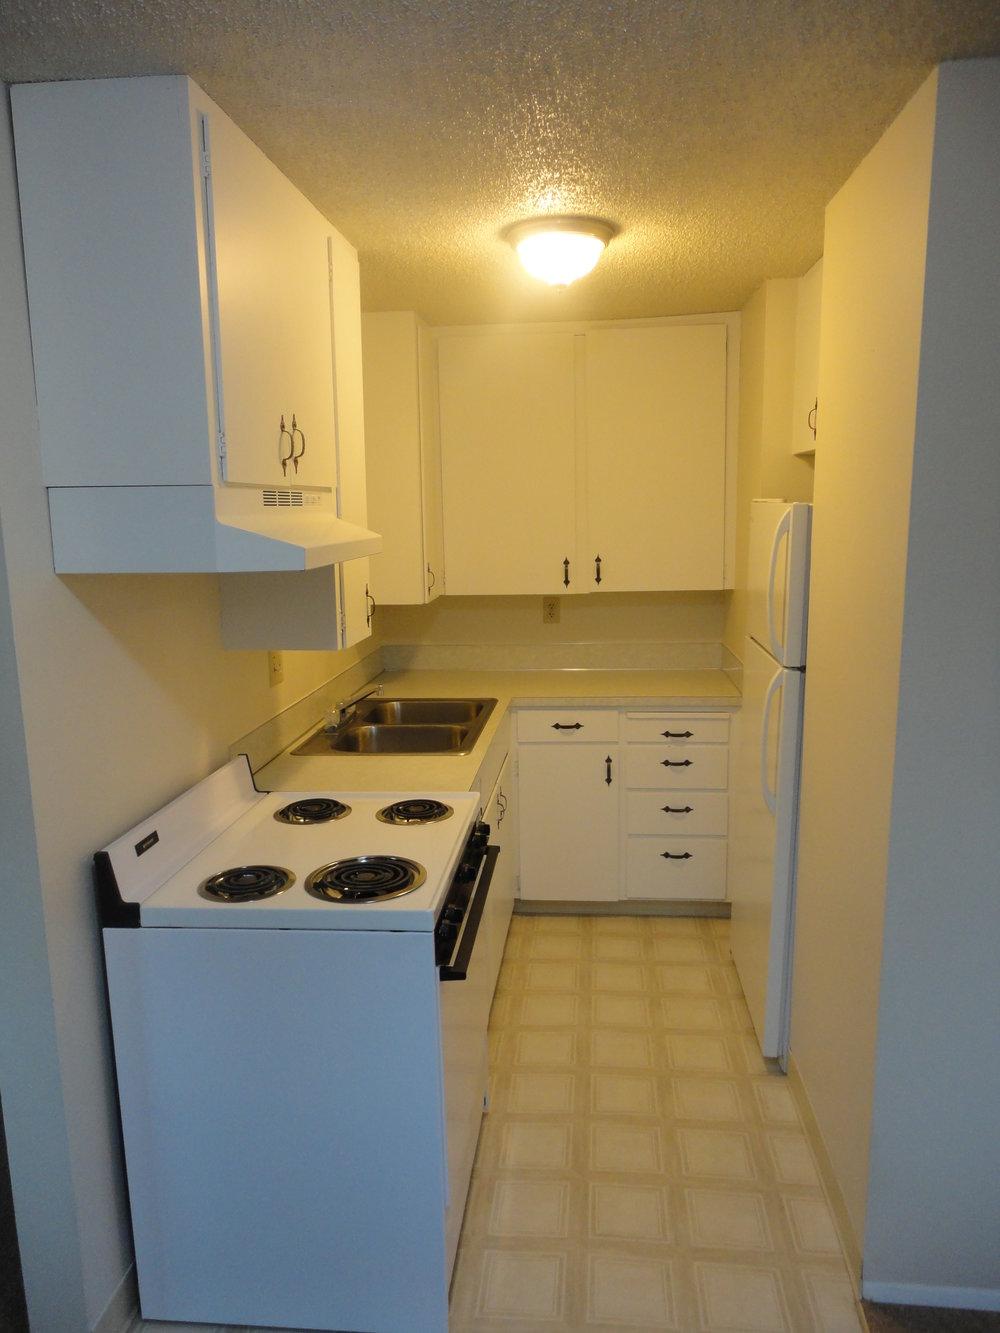 kitchen interior 2.jpg